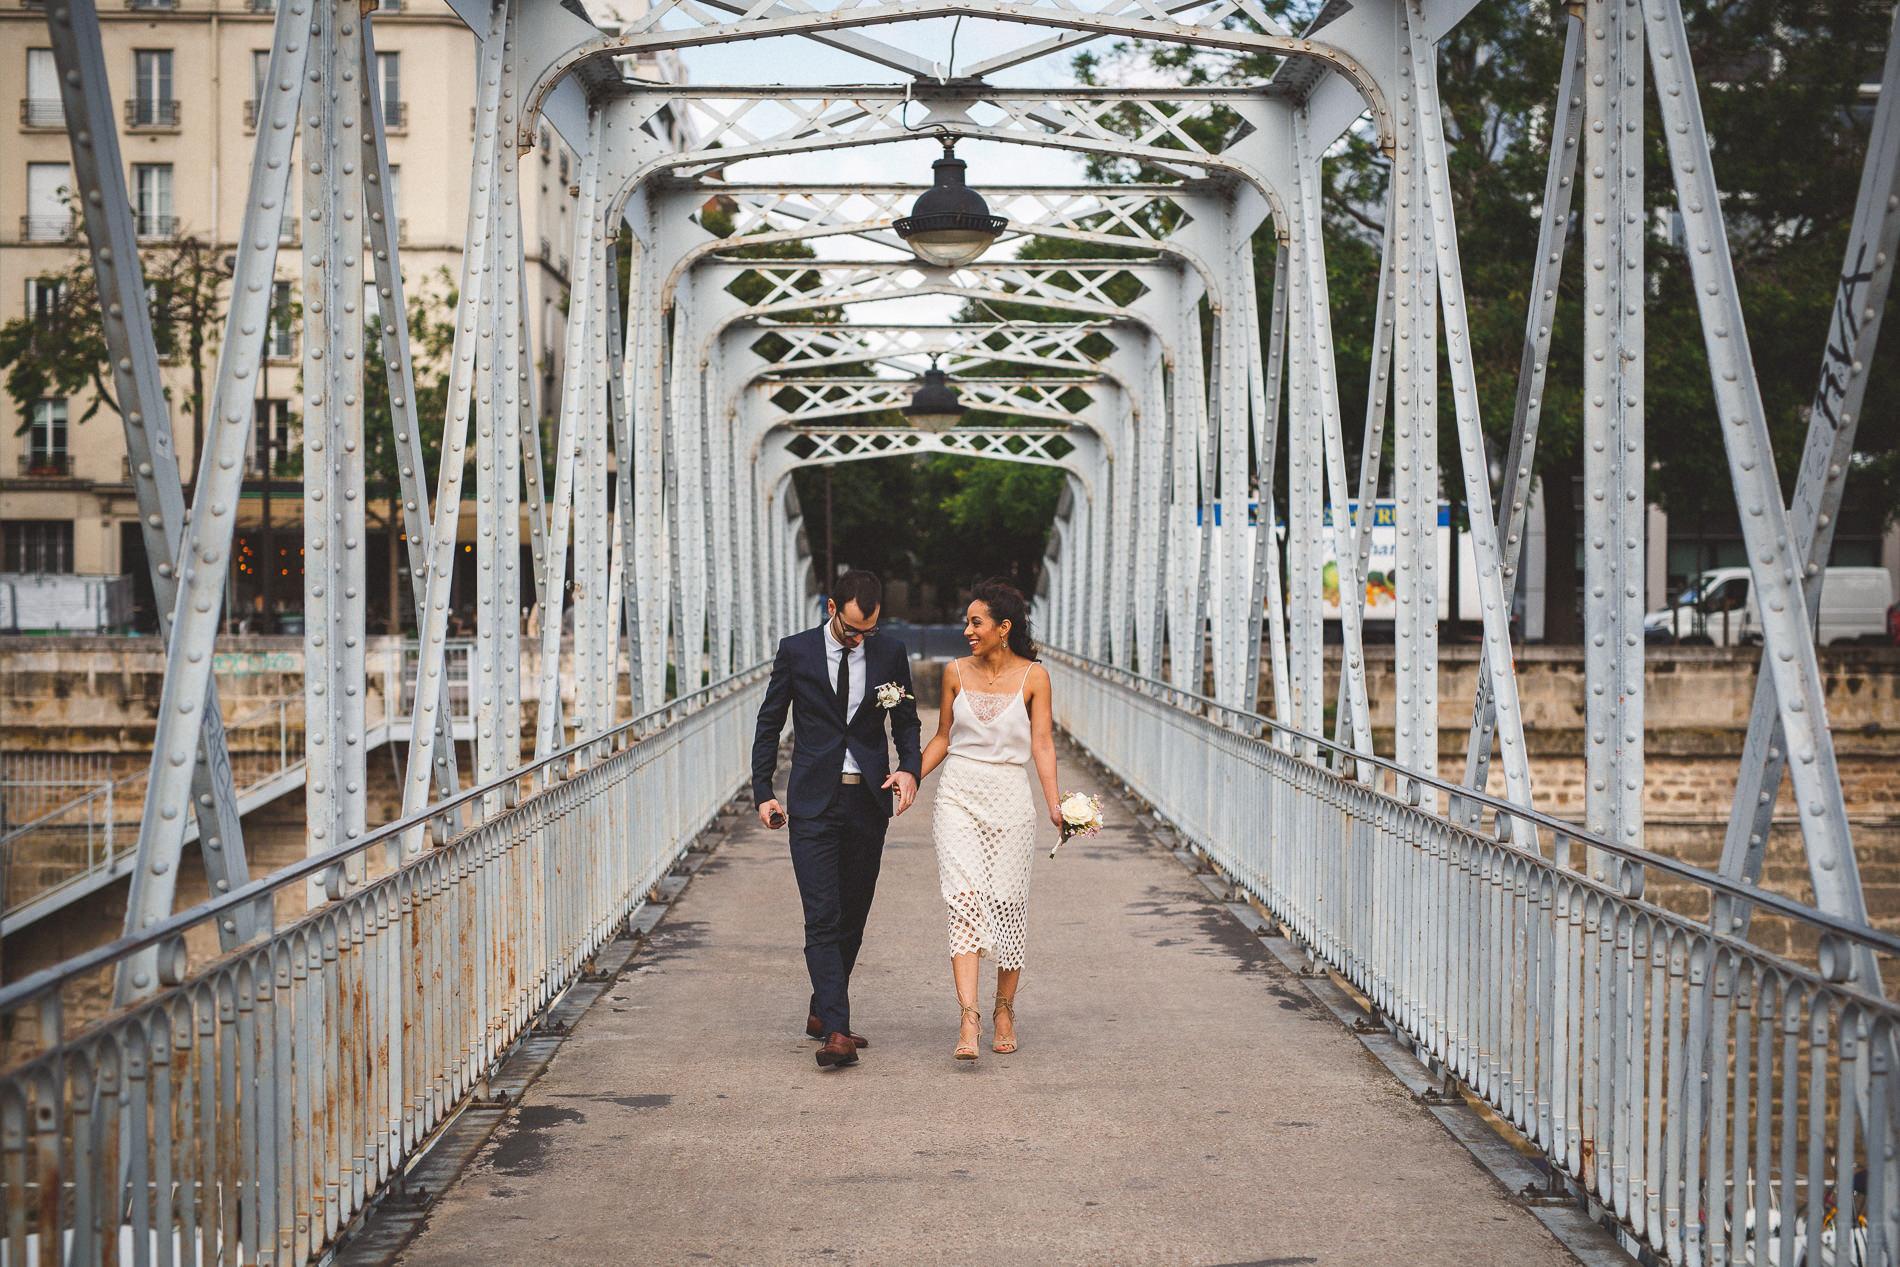 Patricia et jean mariage civil streetfocus wedding - Port de l arsenal paris ...